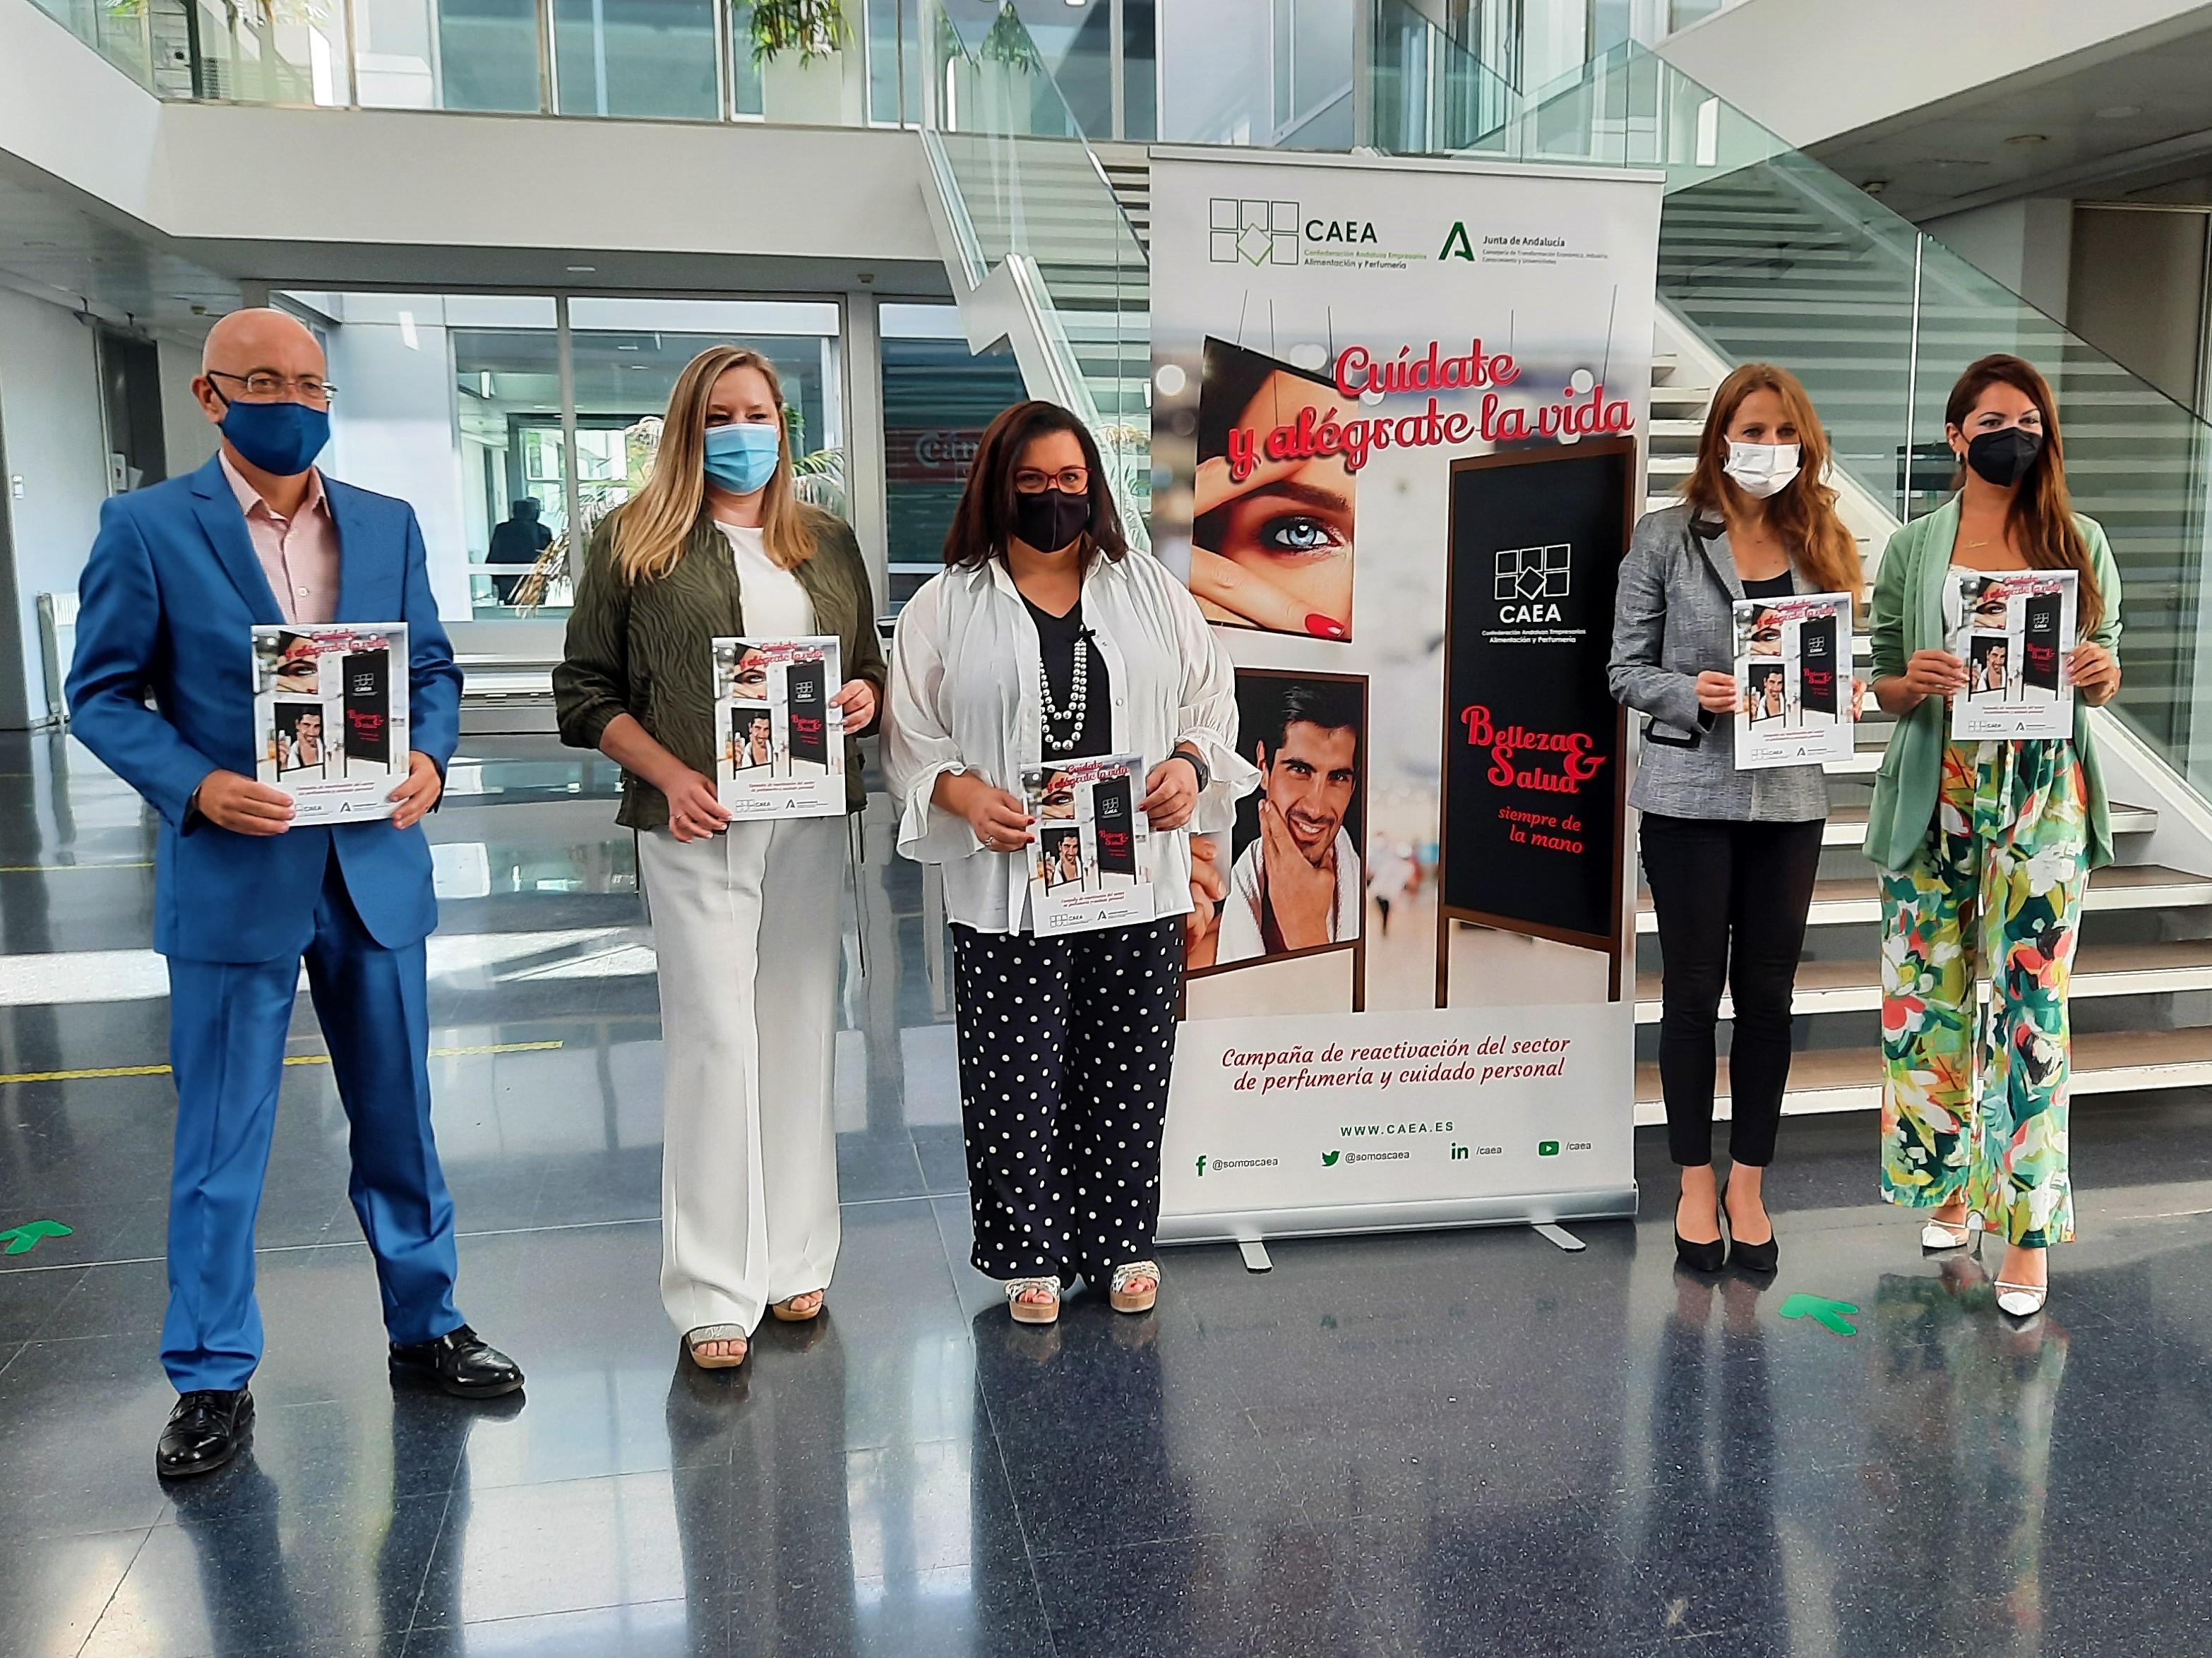 Arranca una campaña para la reactivación del sector de las pefumerías